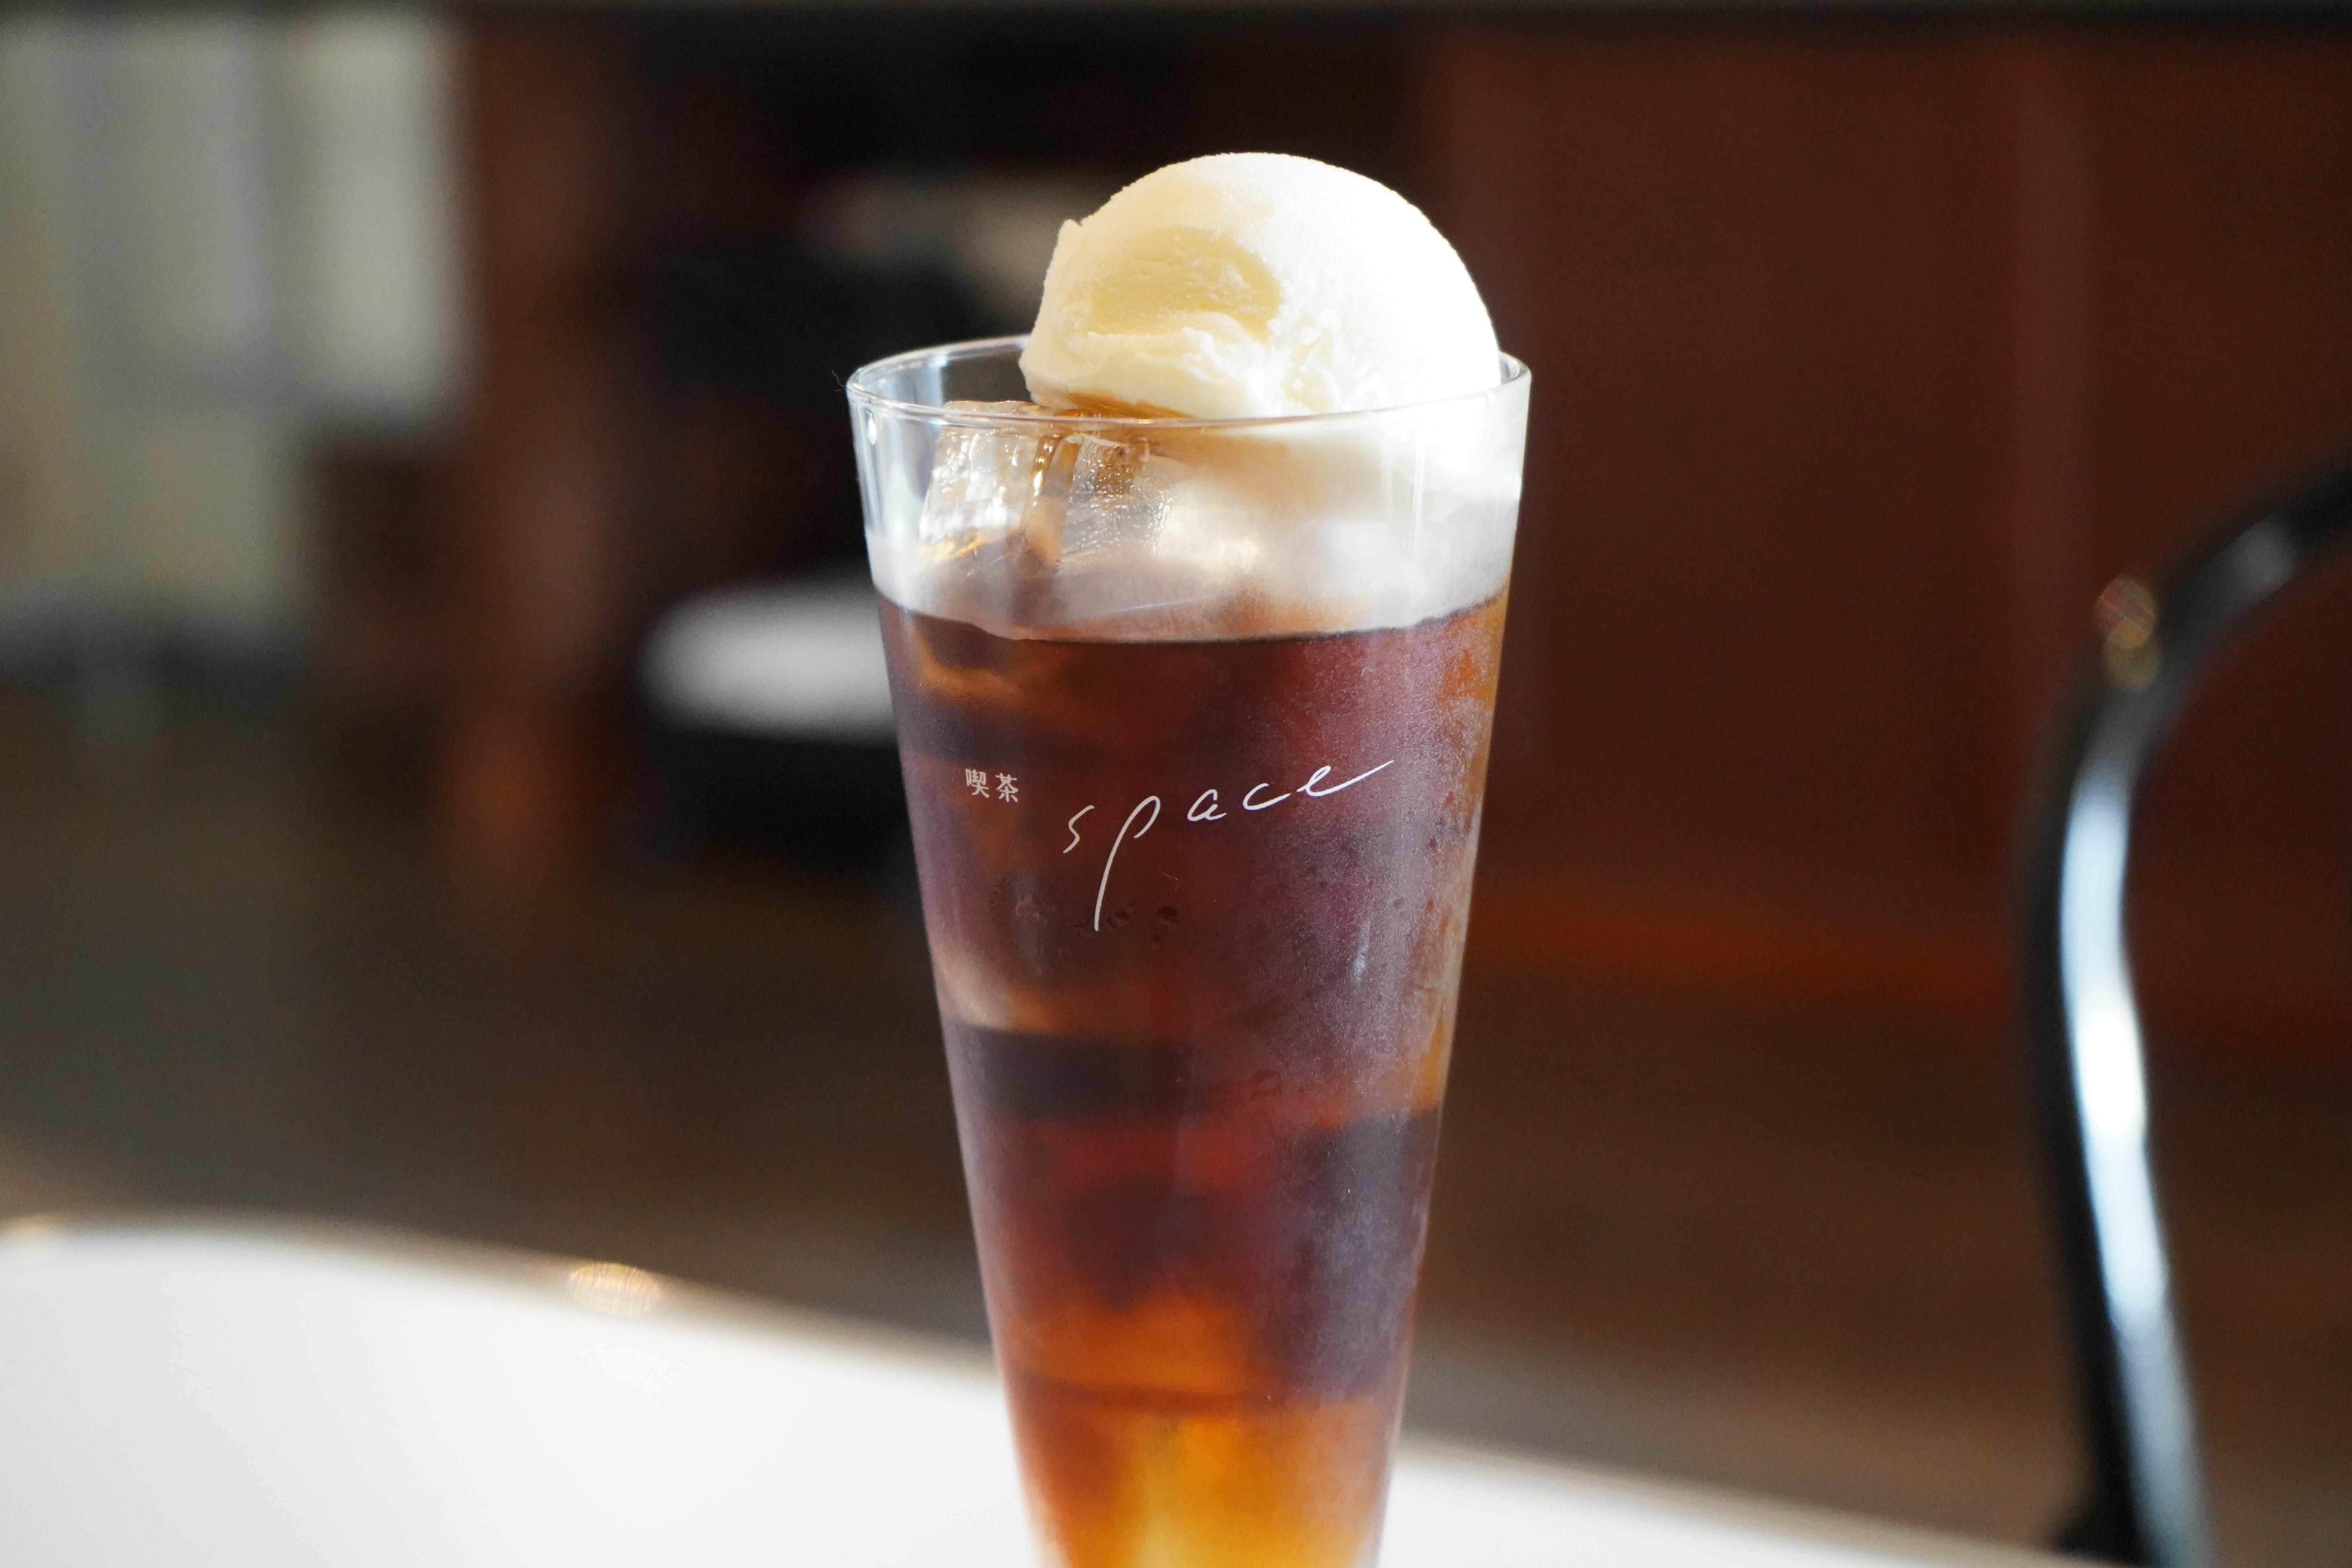 レトロだけど新しい!喫茶店の王道メニューもちゃんと美味しい、心落ち着く喫茶店。熱田区「喫茶space」 - DSC02051 2